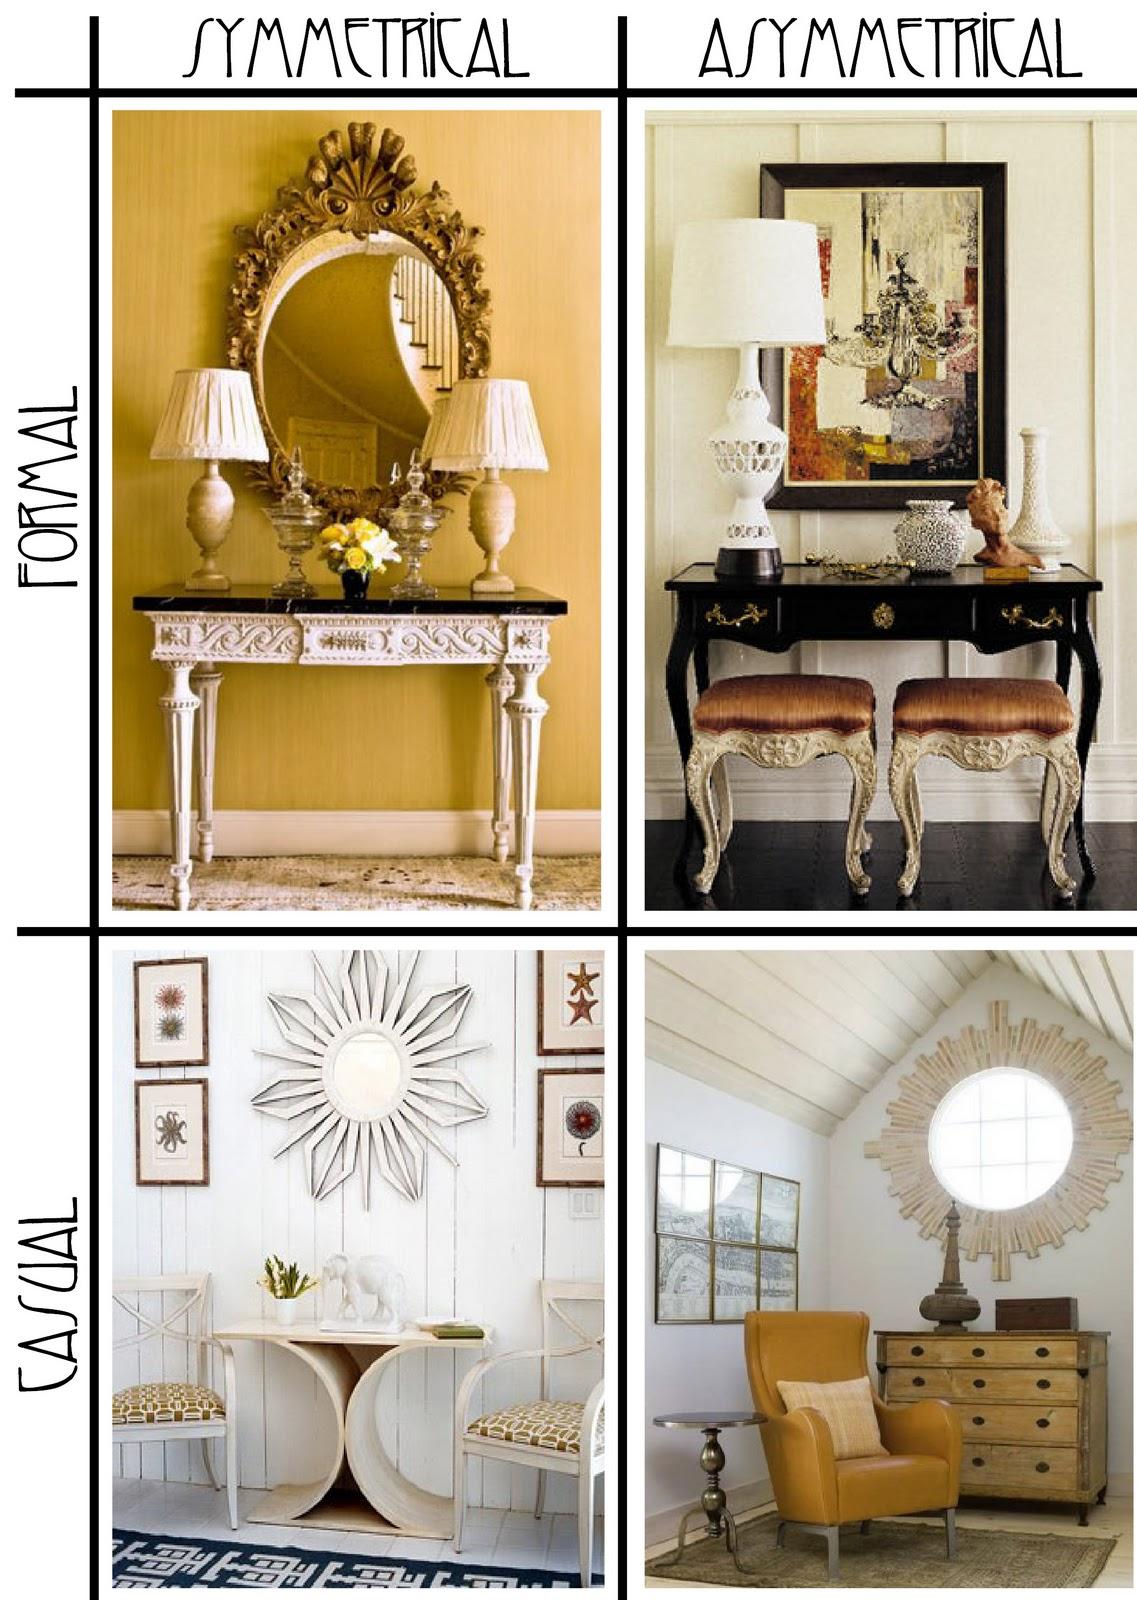 Divine Consign: Symmetrical vs. Asymmetrical design